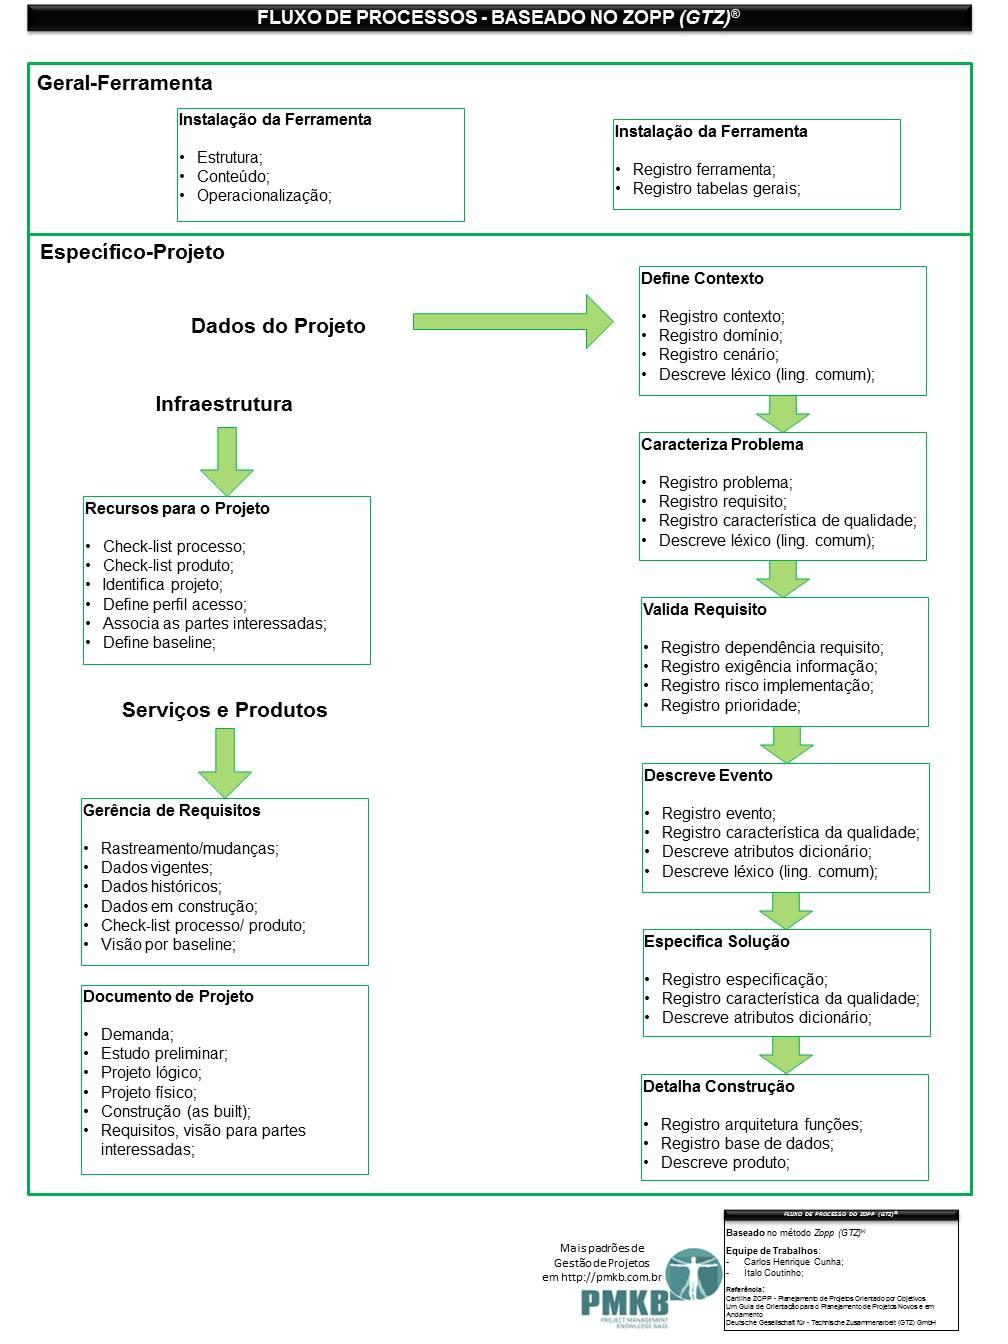 Fluxo de Processos - baseado no Zopp - 3